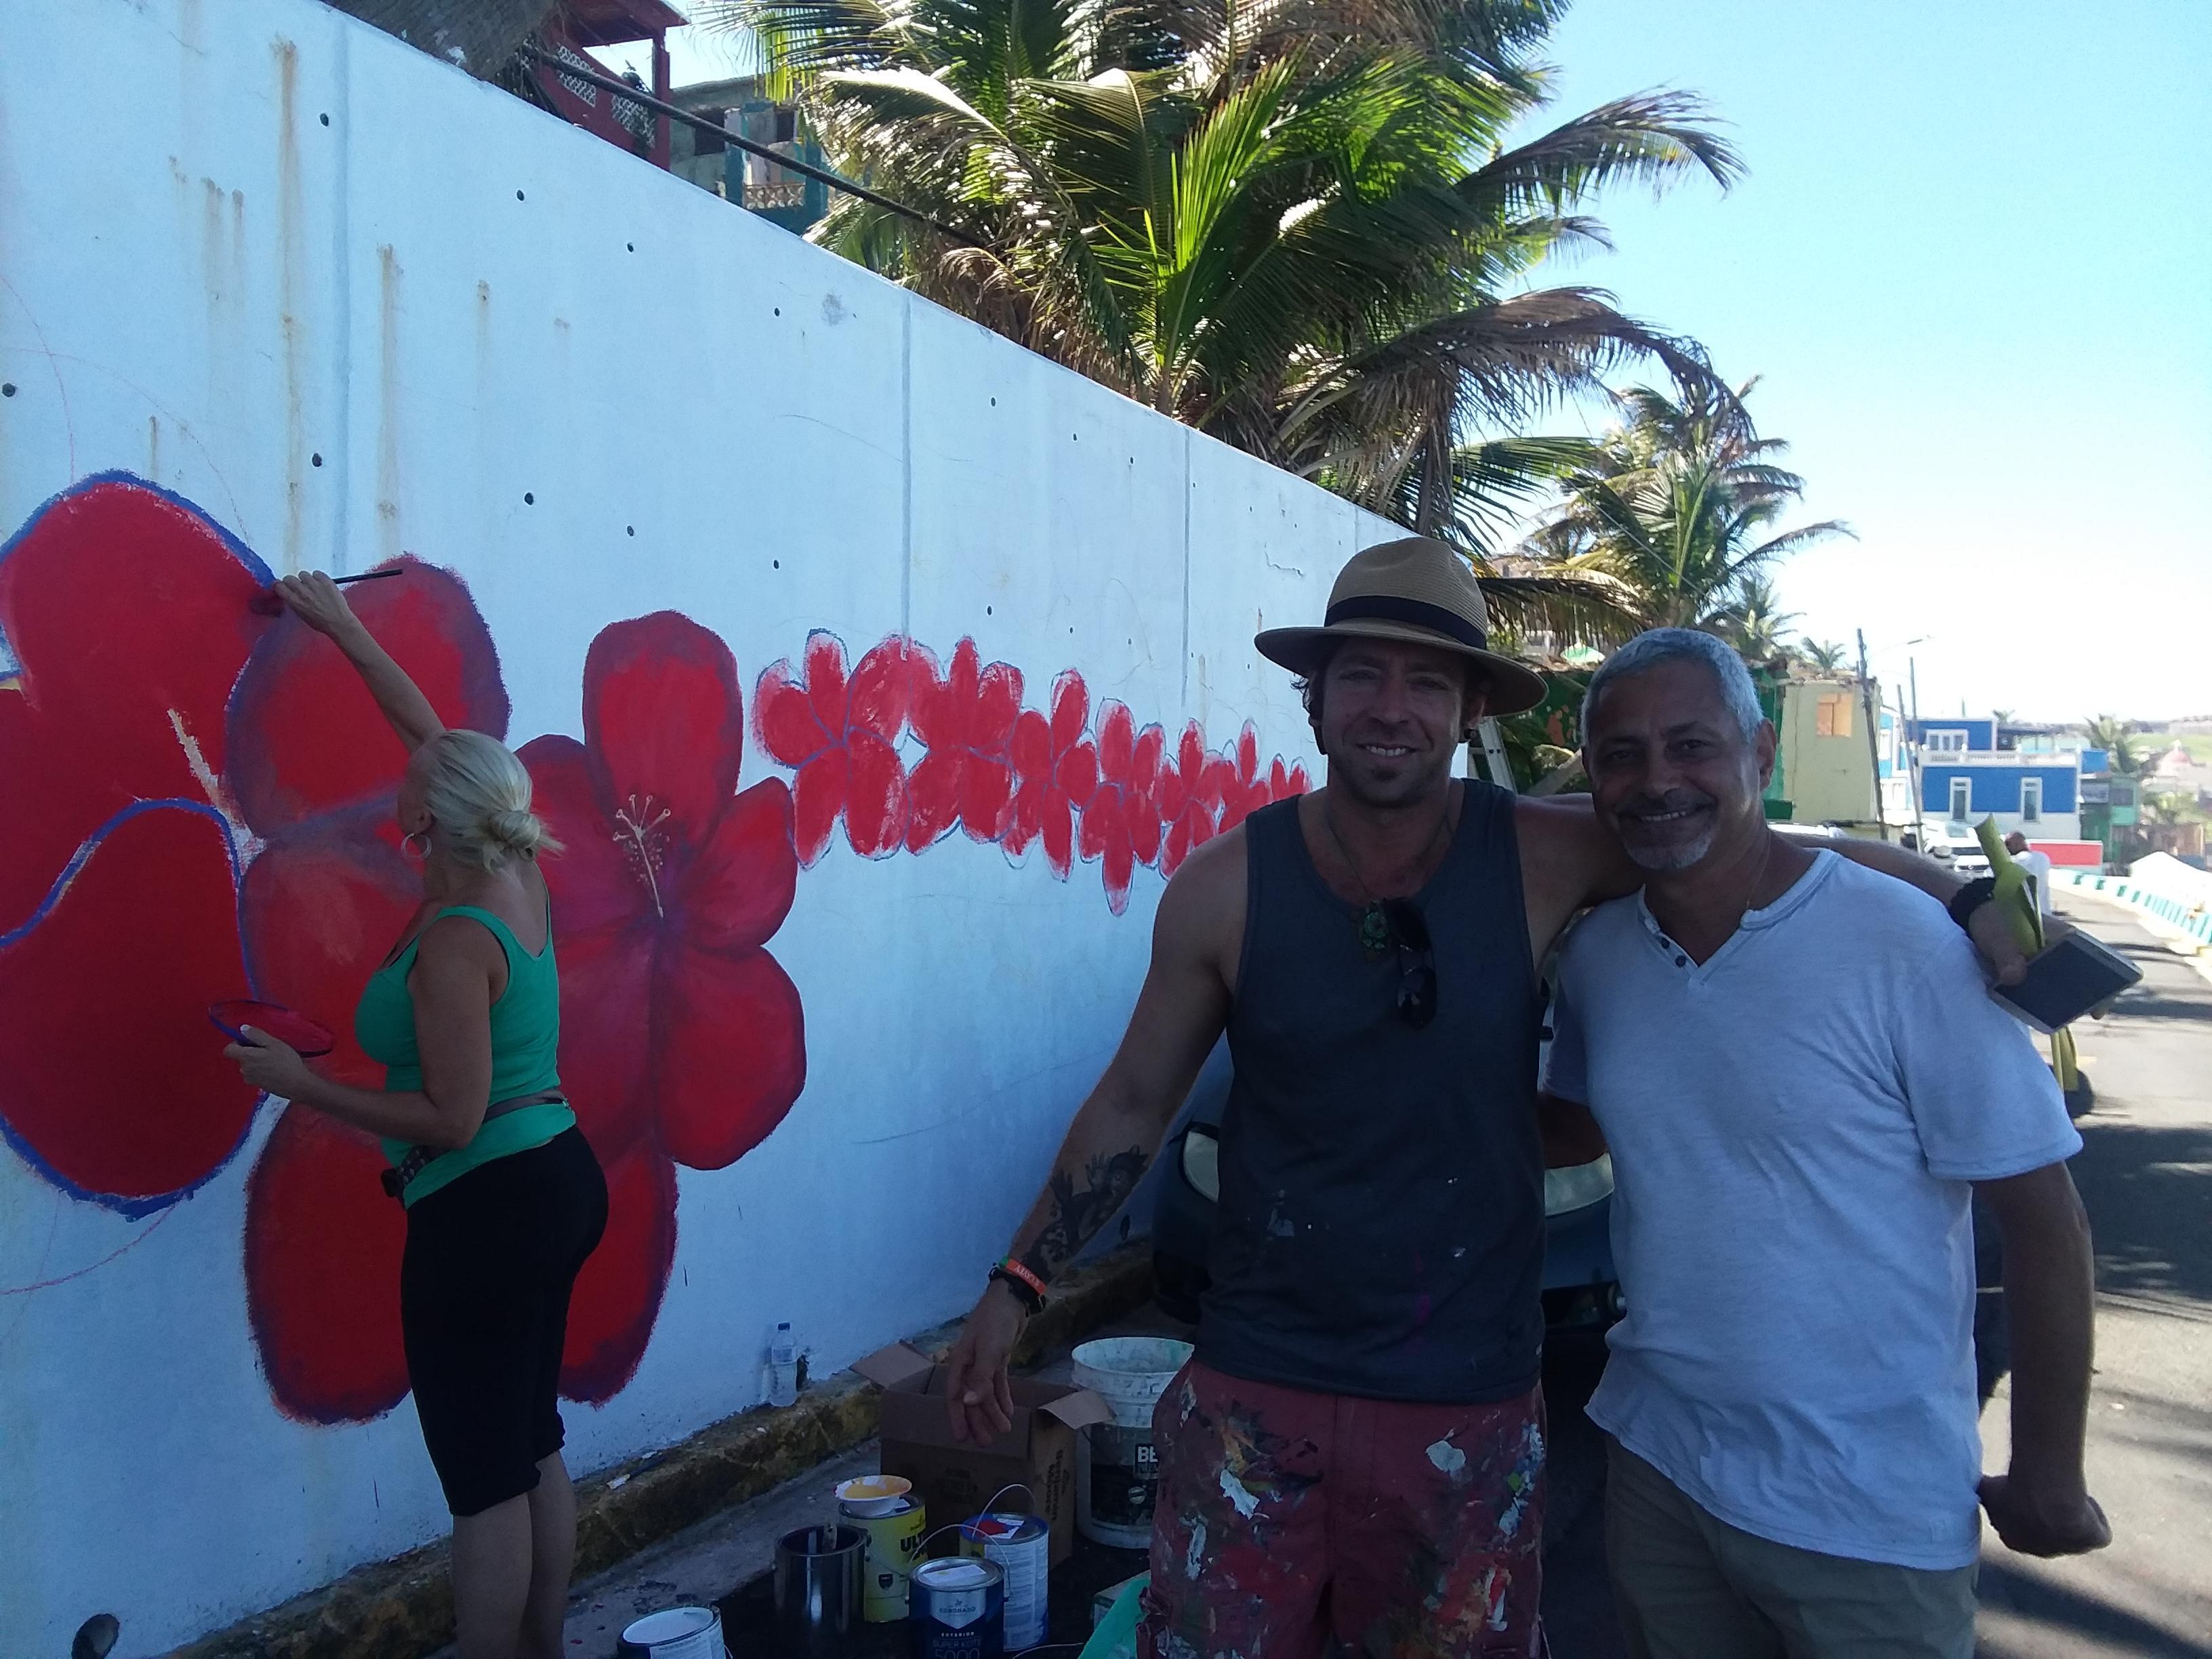 la perla mural artist